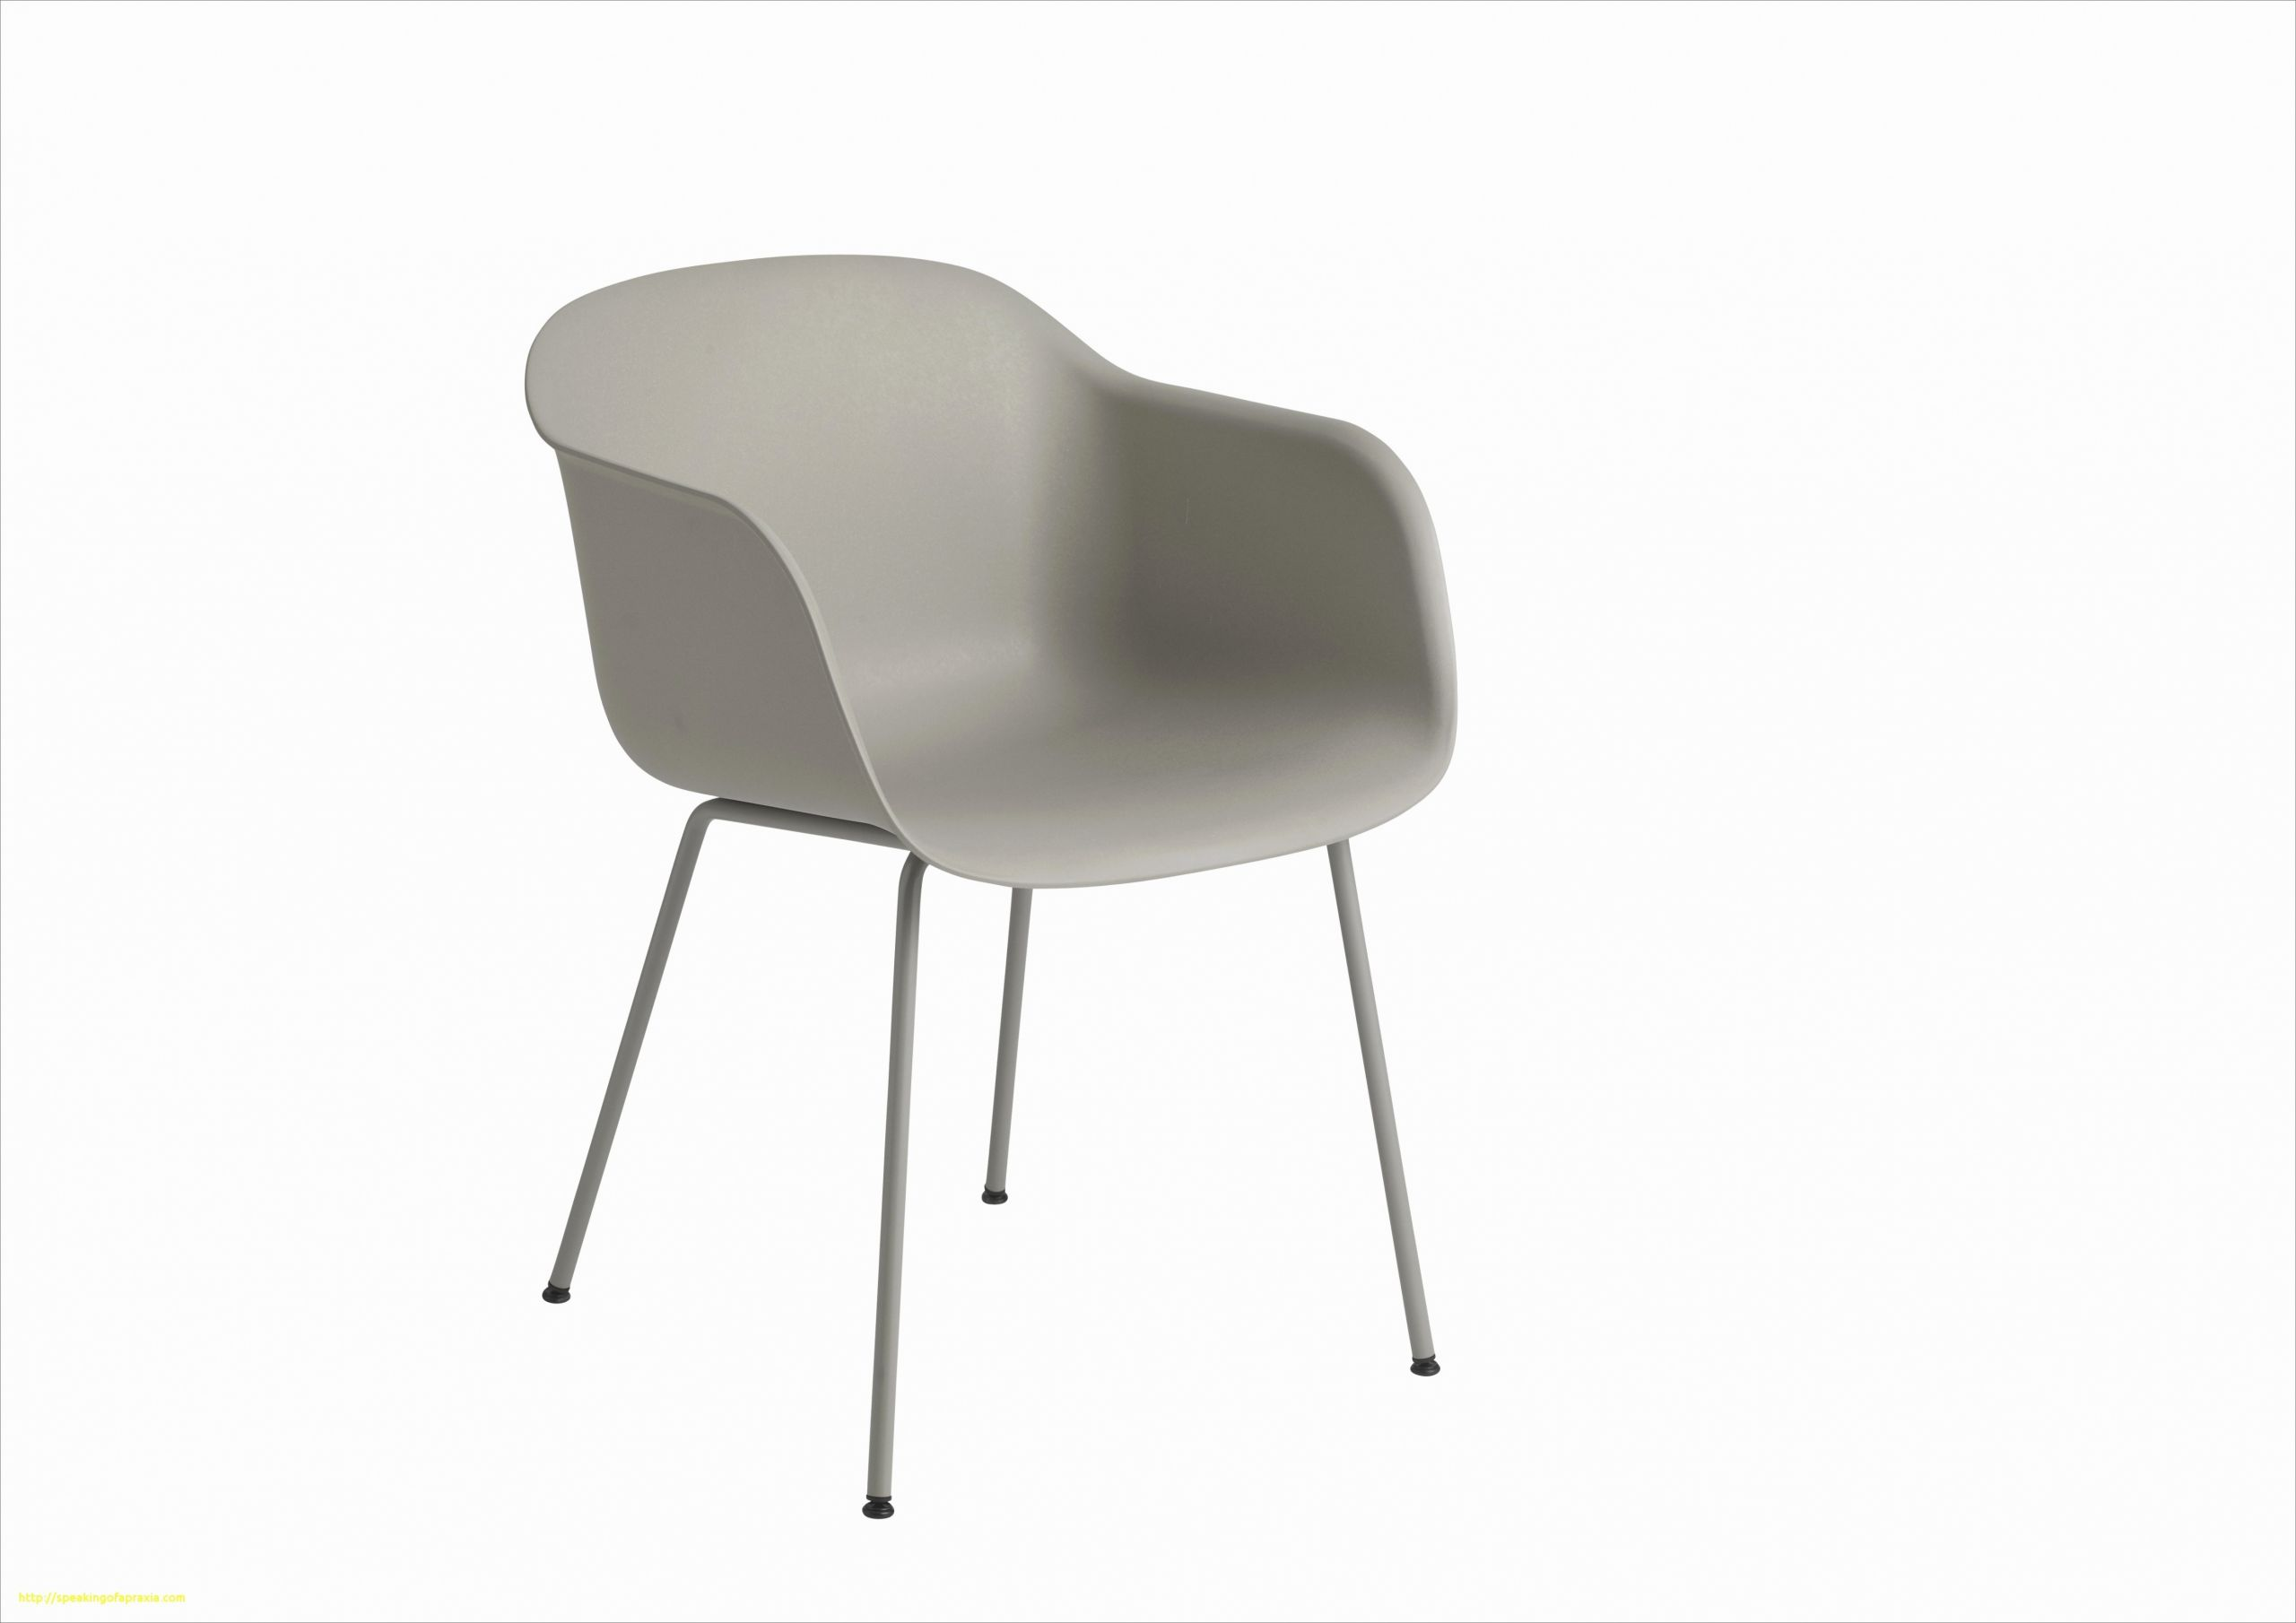 chaise longue jardin beau chaises et fauteuils de jardin elegant 0d vintage fauteuil de chaise longue jardin